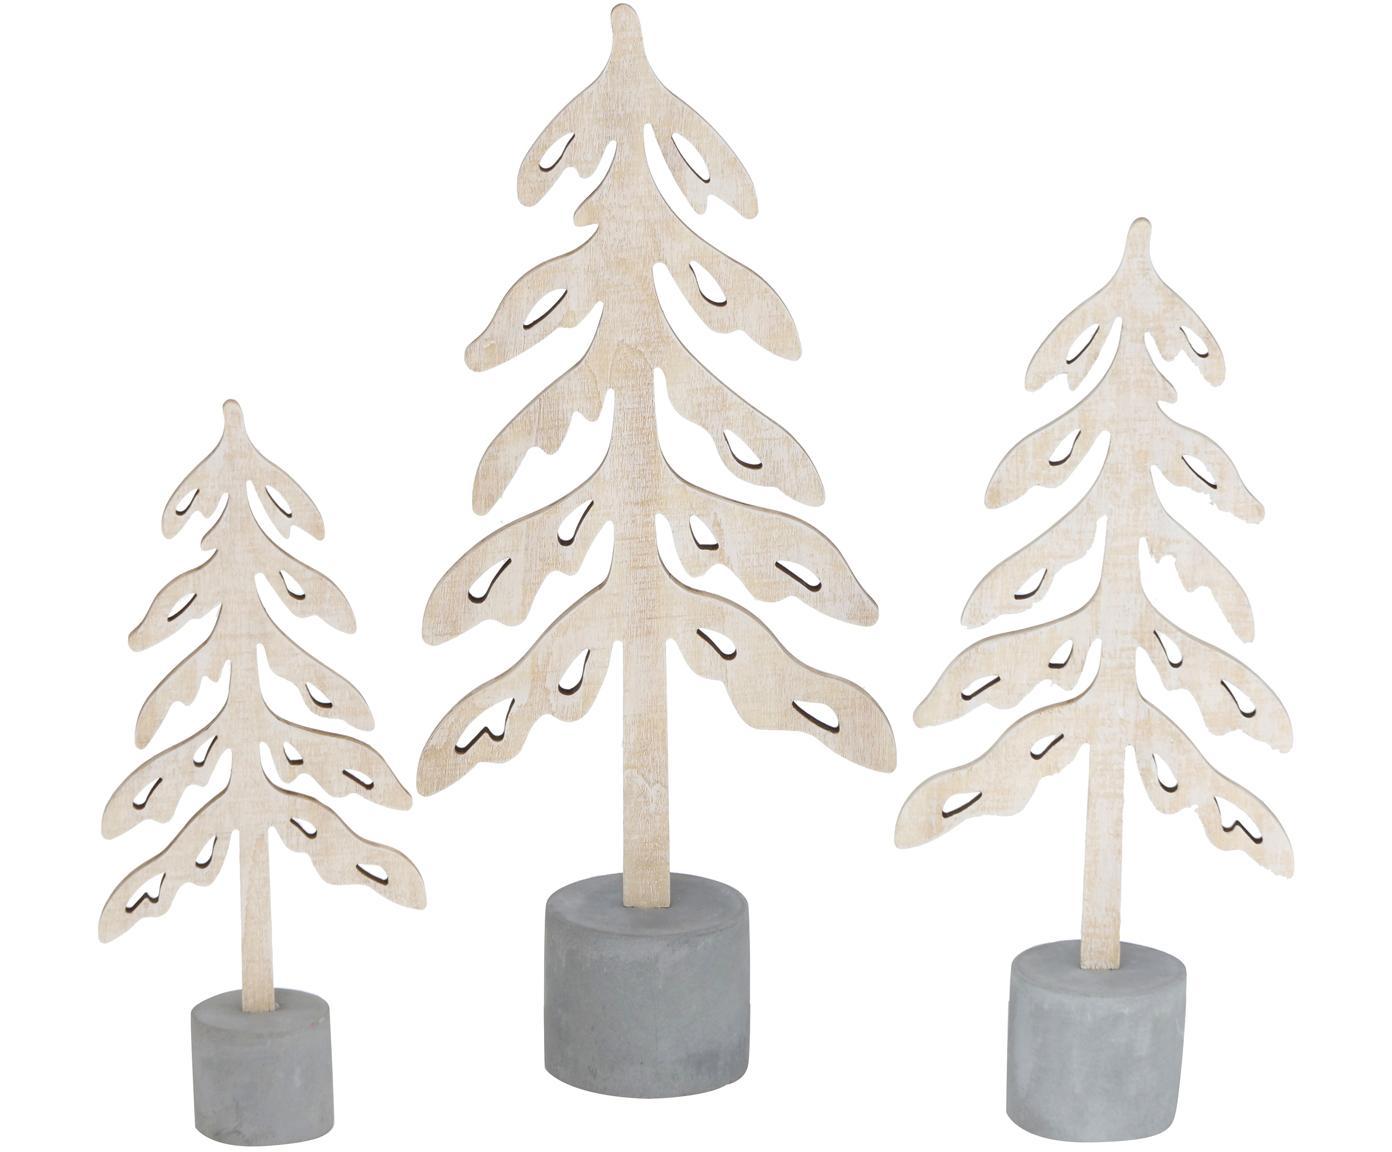 Set de piezas decorativas Mattern, 3pzas., Hormigón, madera contrachapada, Gris cemento, bayo, Set de diferentes tamaños